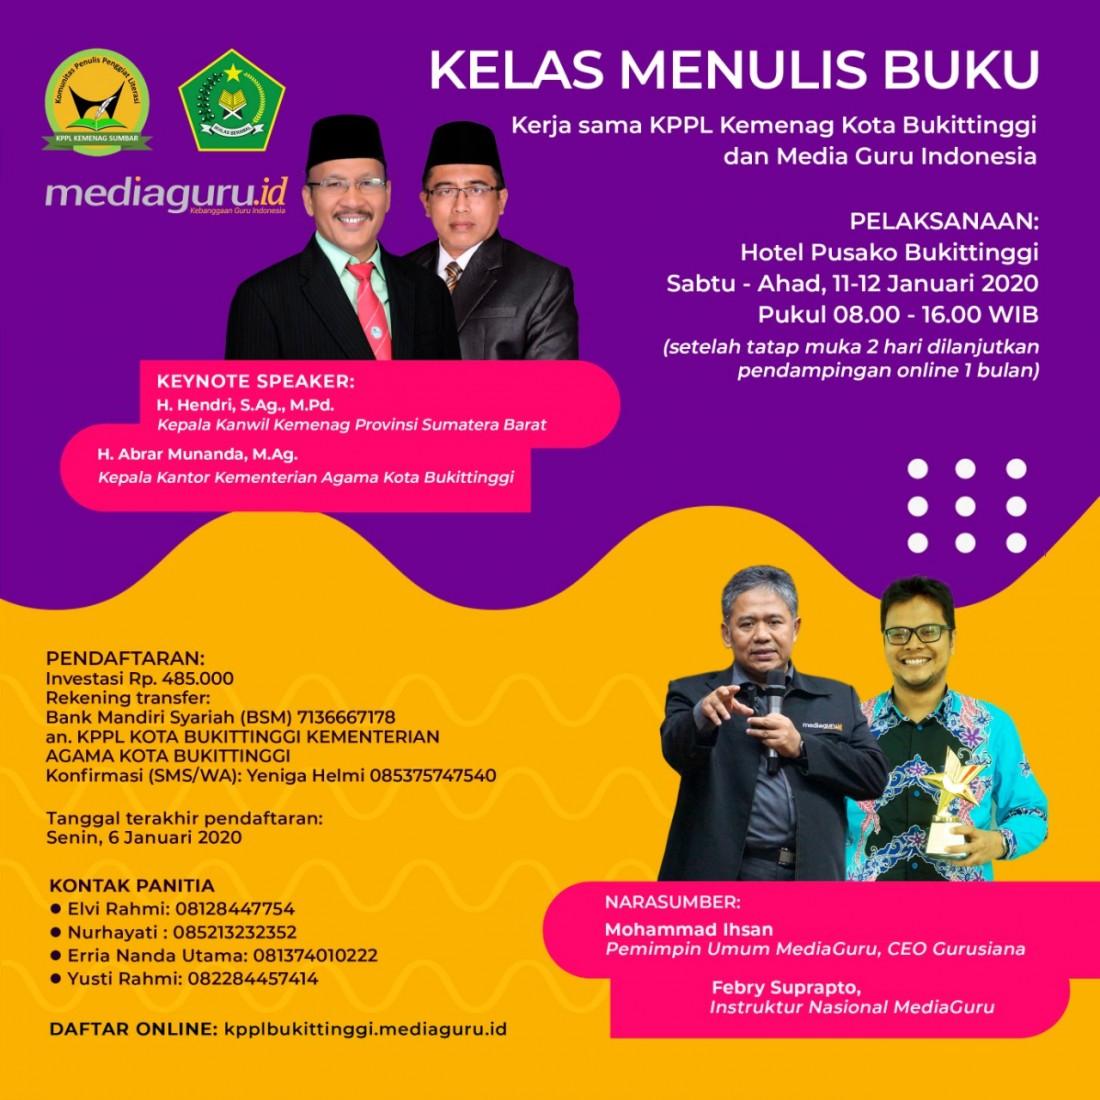 Kelas Menulis Buku KPPL Kemenag Bukittinggi (11 - 12 Januari 2020)